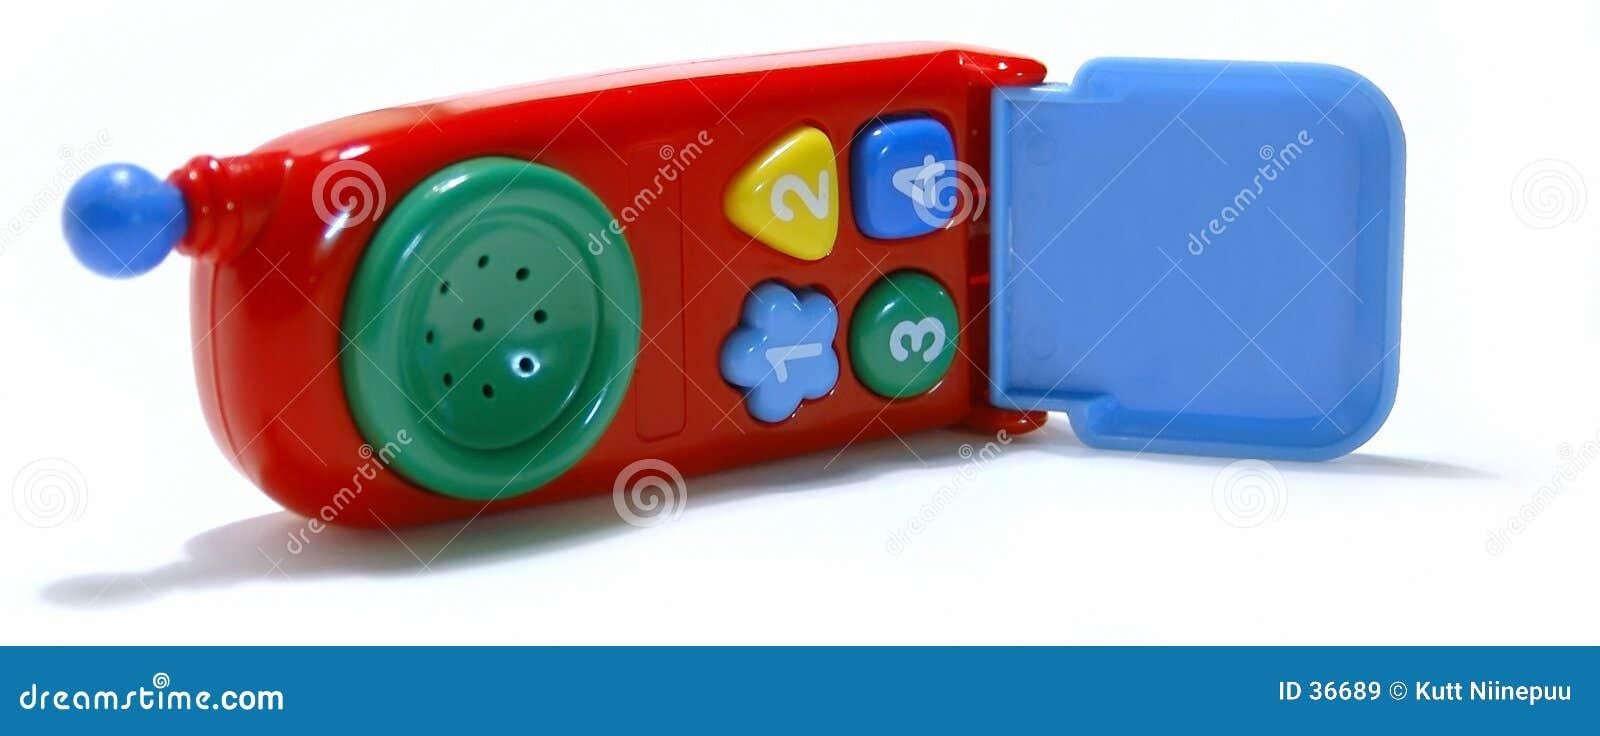 De cel-telefoon van het stuk speelgoed